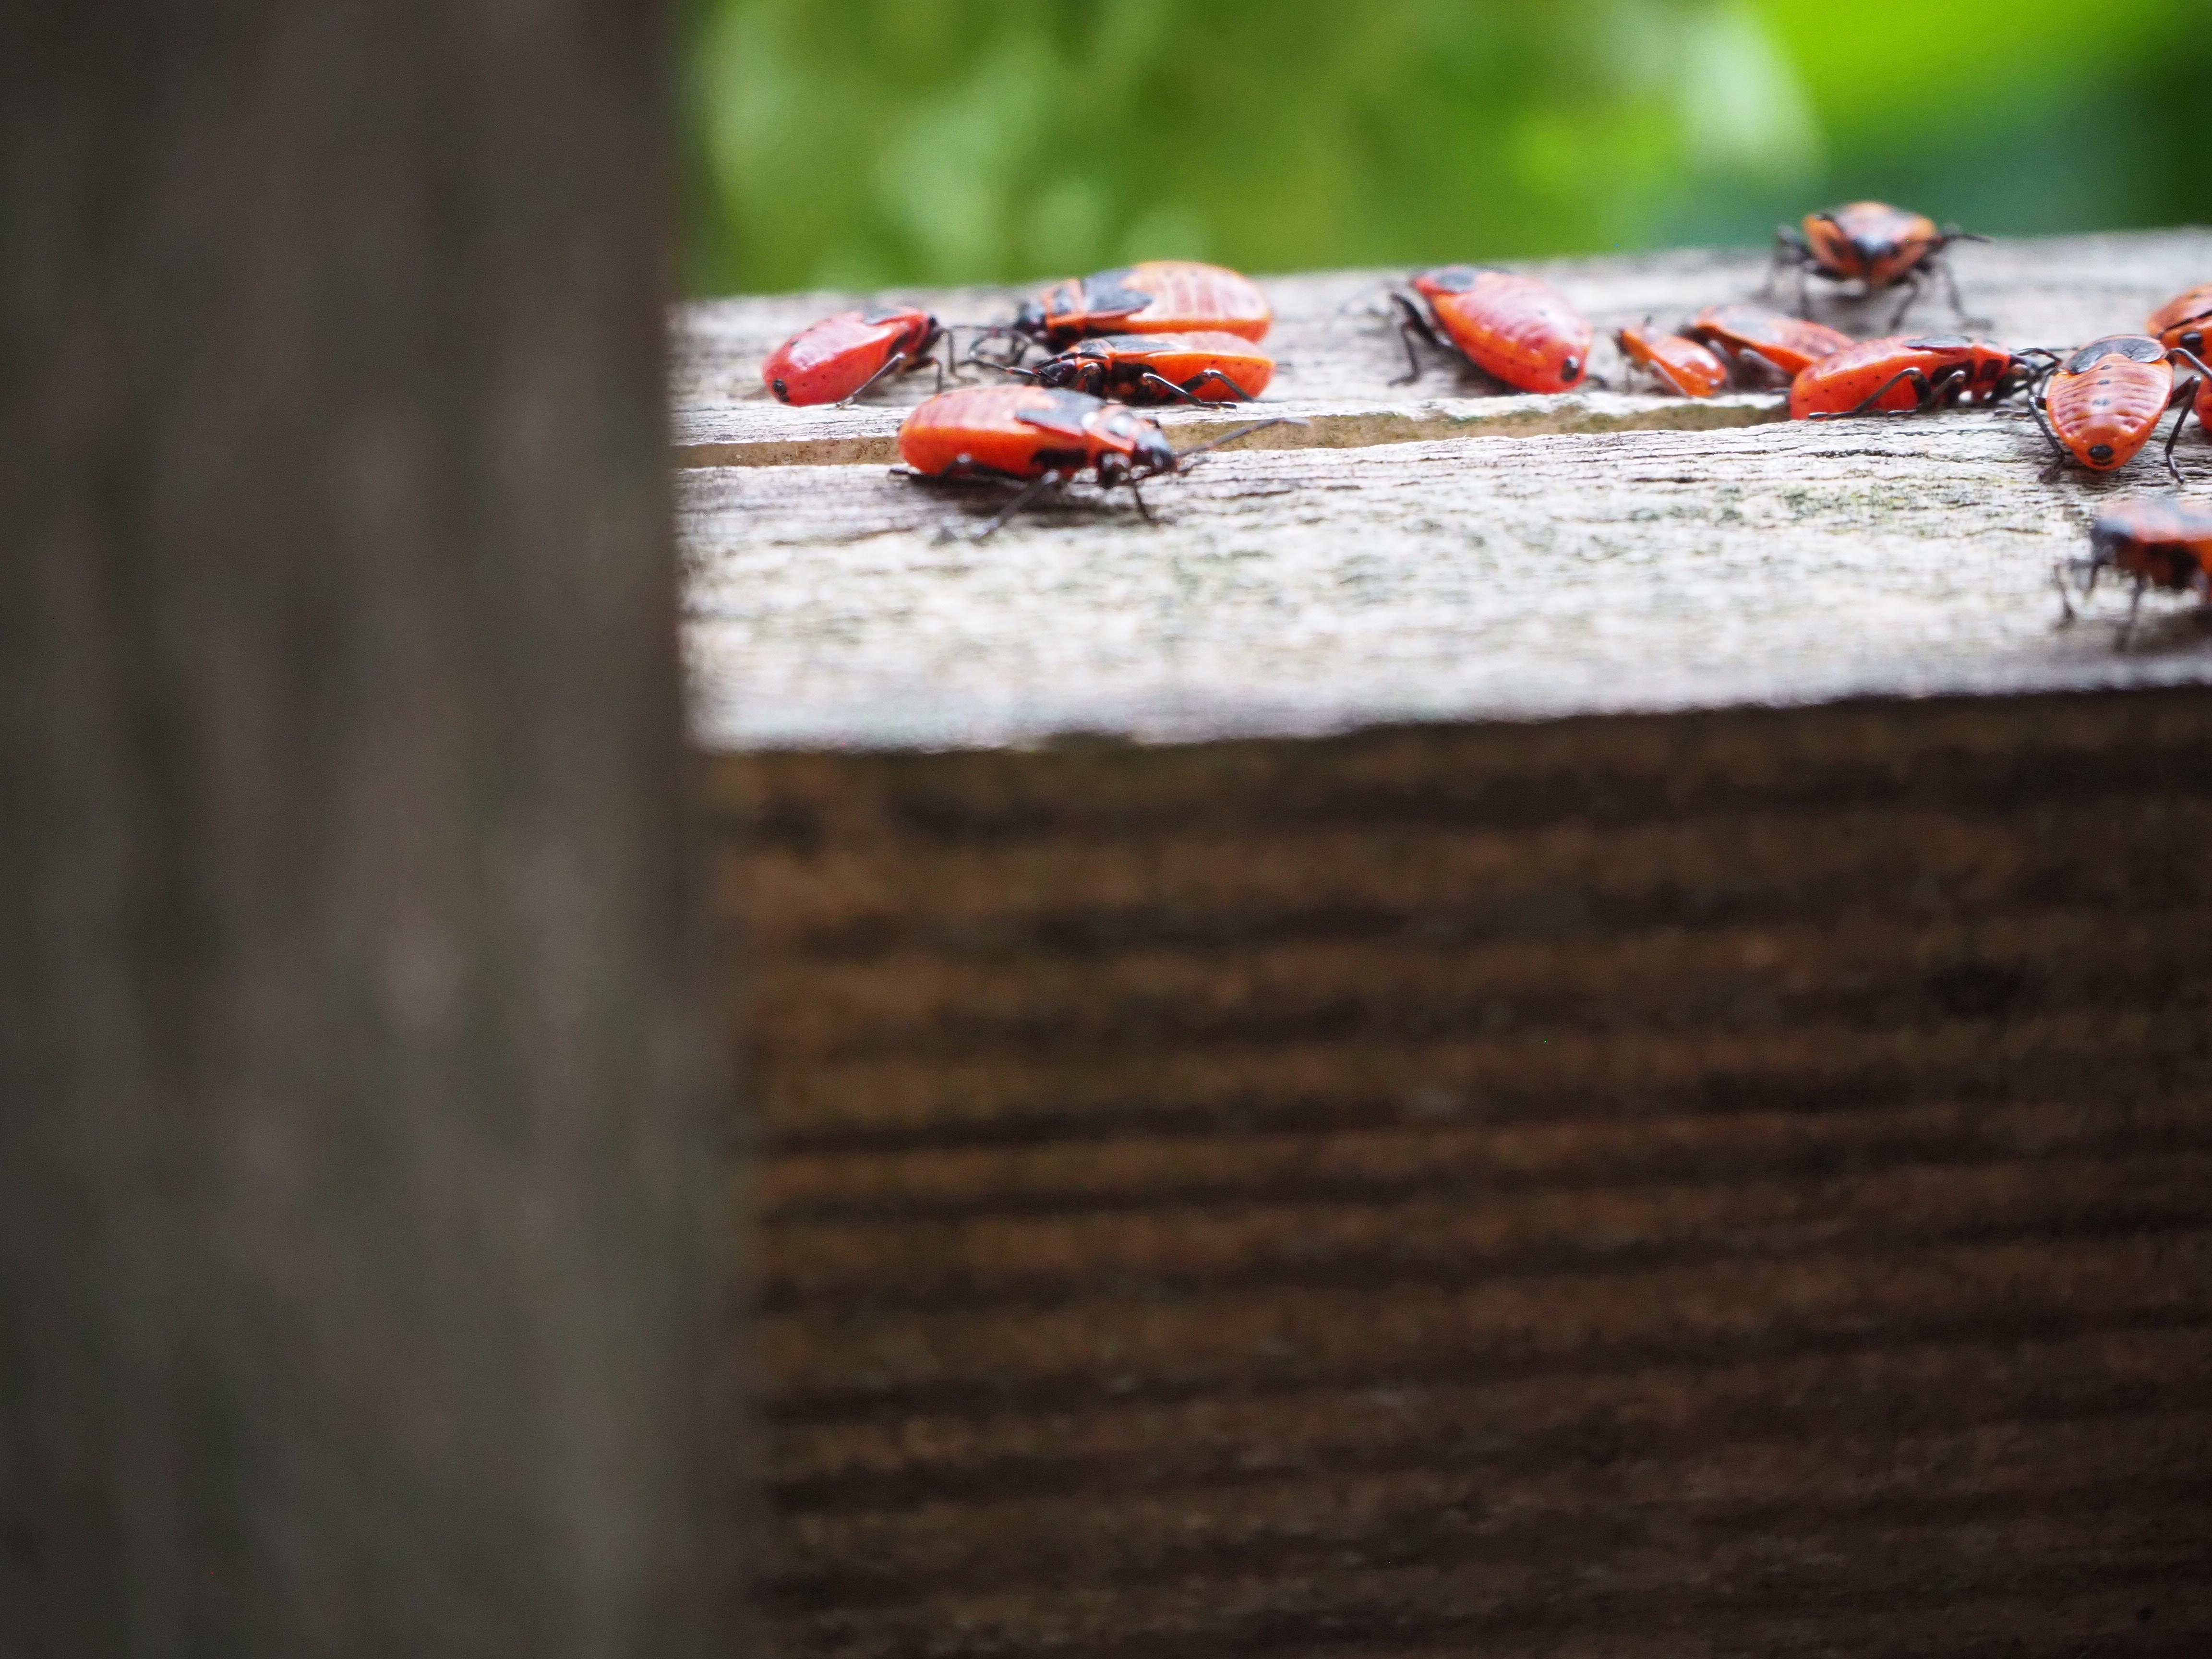 Natur pur – was krabbelt denn da?